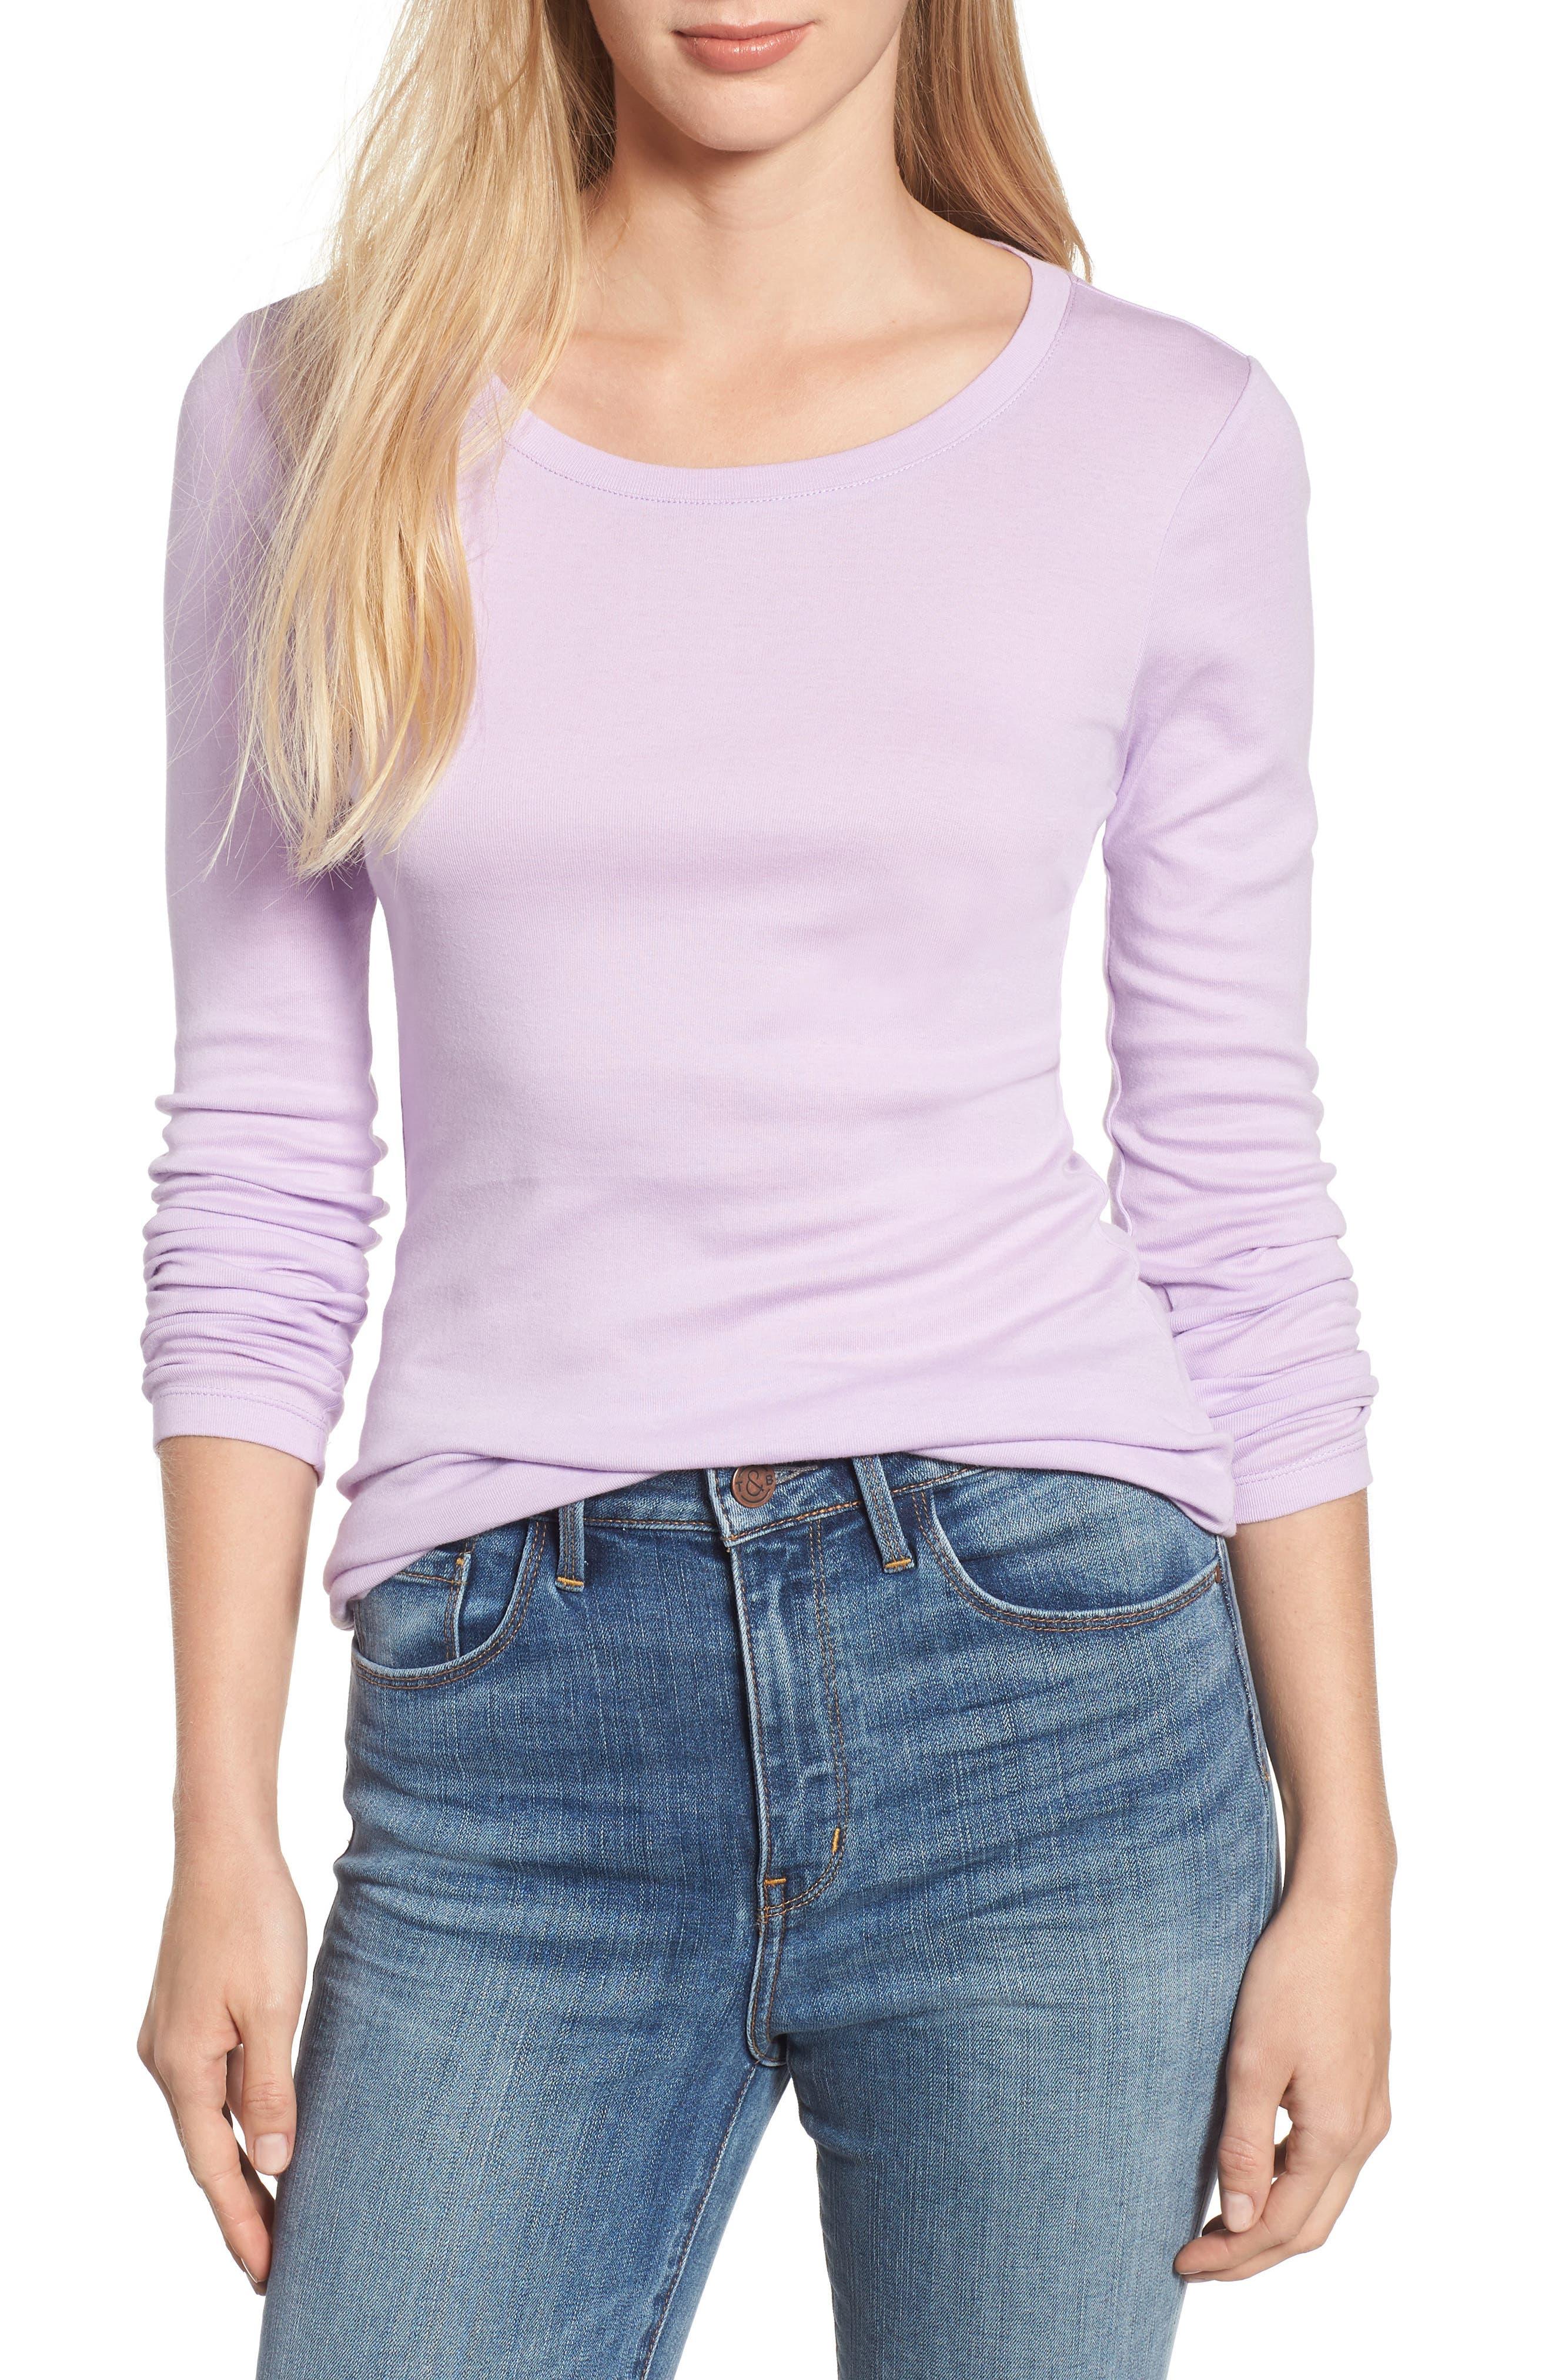 dc149a8112f6d Women s Long Sleeve Tops